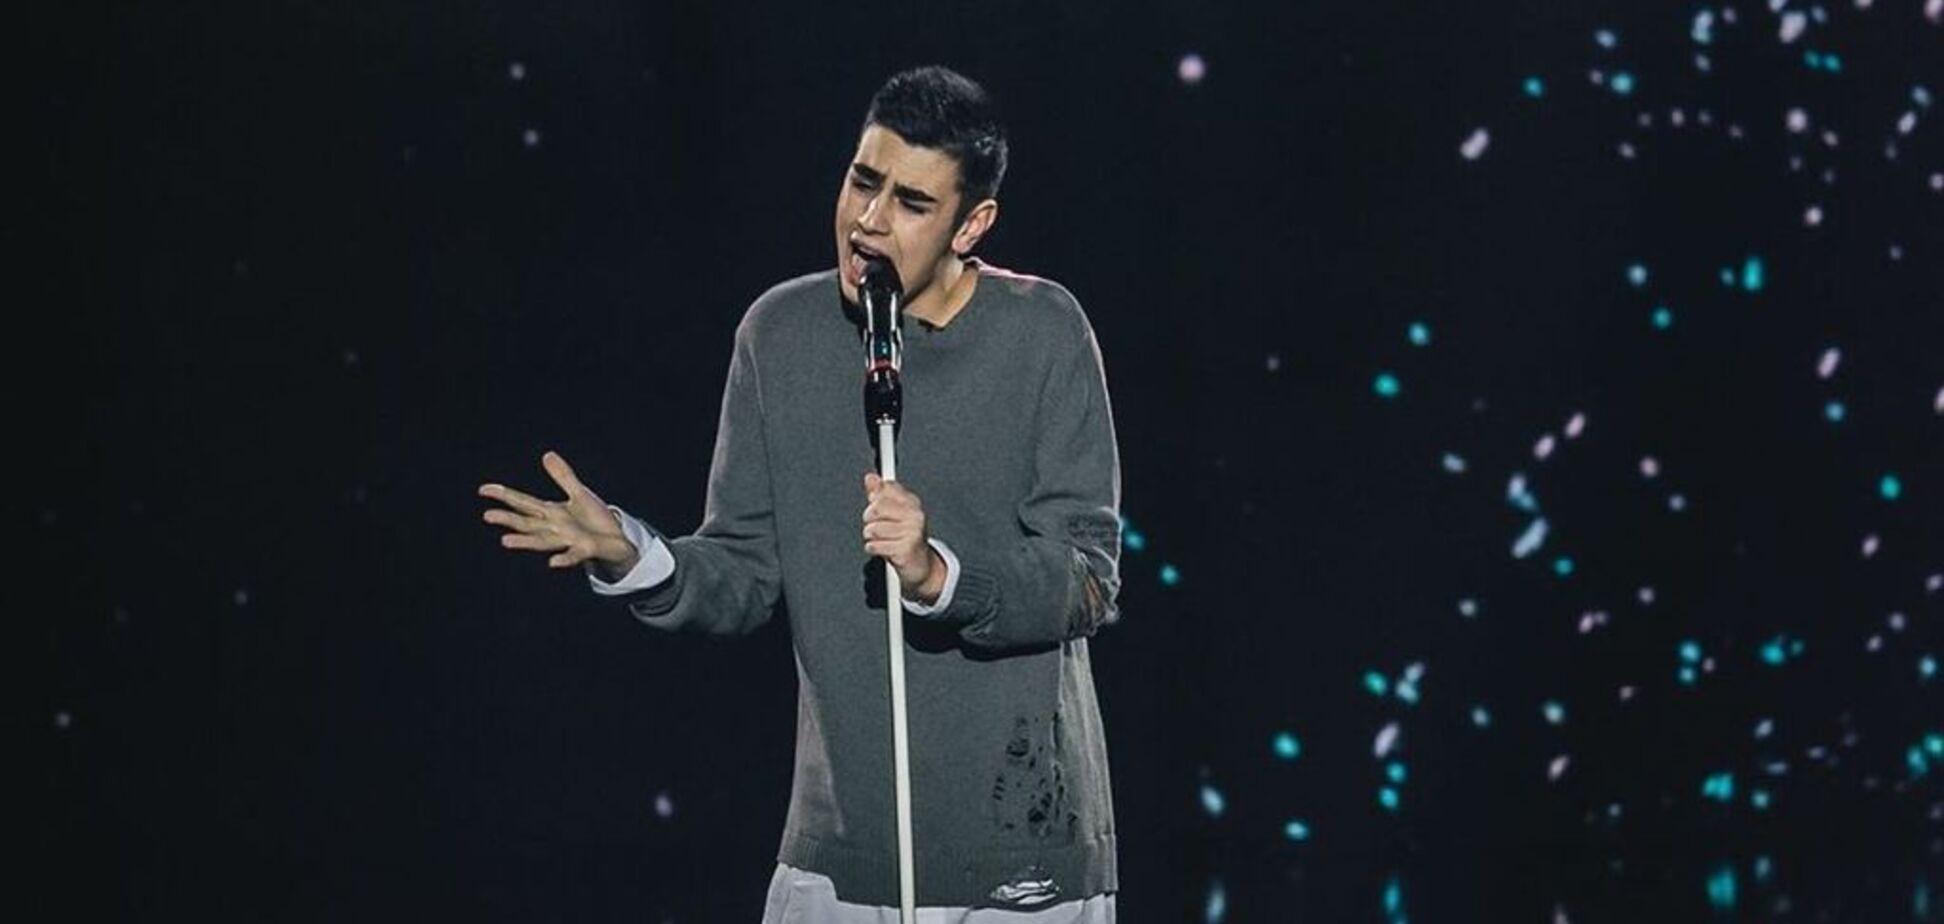 'Повинен звучати на Євробаченні': 16-річний учасник 'Голос країни' підкорив суддів співом